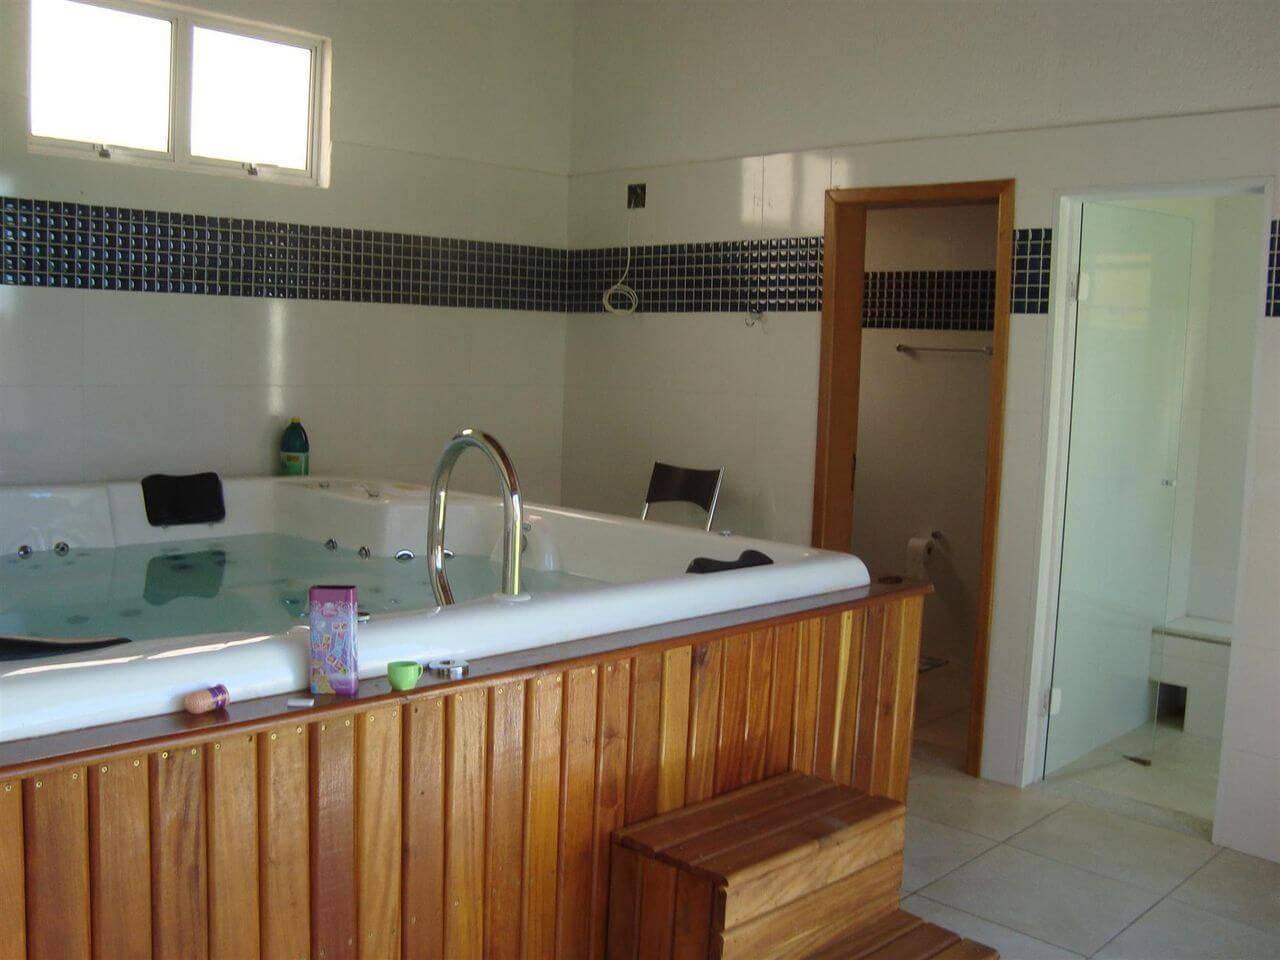 Spa em Casa banheira kelly petillo 54735